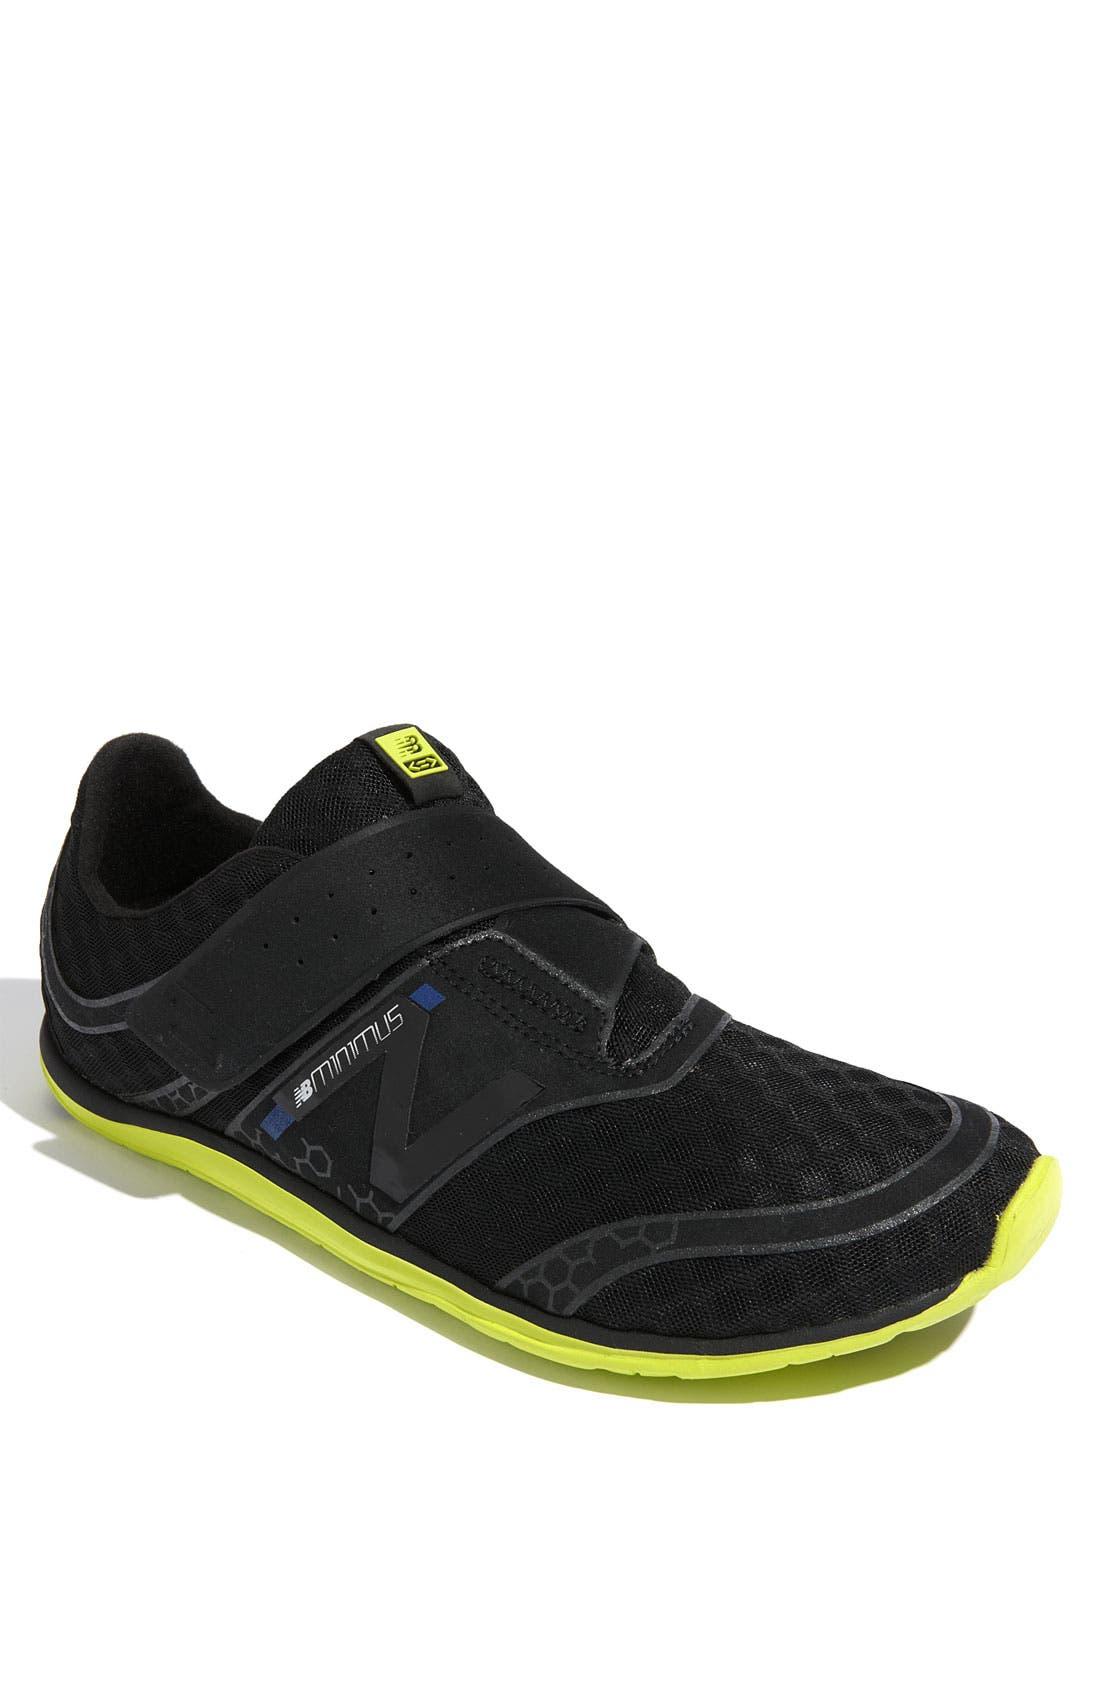 Alternate Image 1 Selected - New Balance 'Minimus' Walking Shoe (Men)